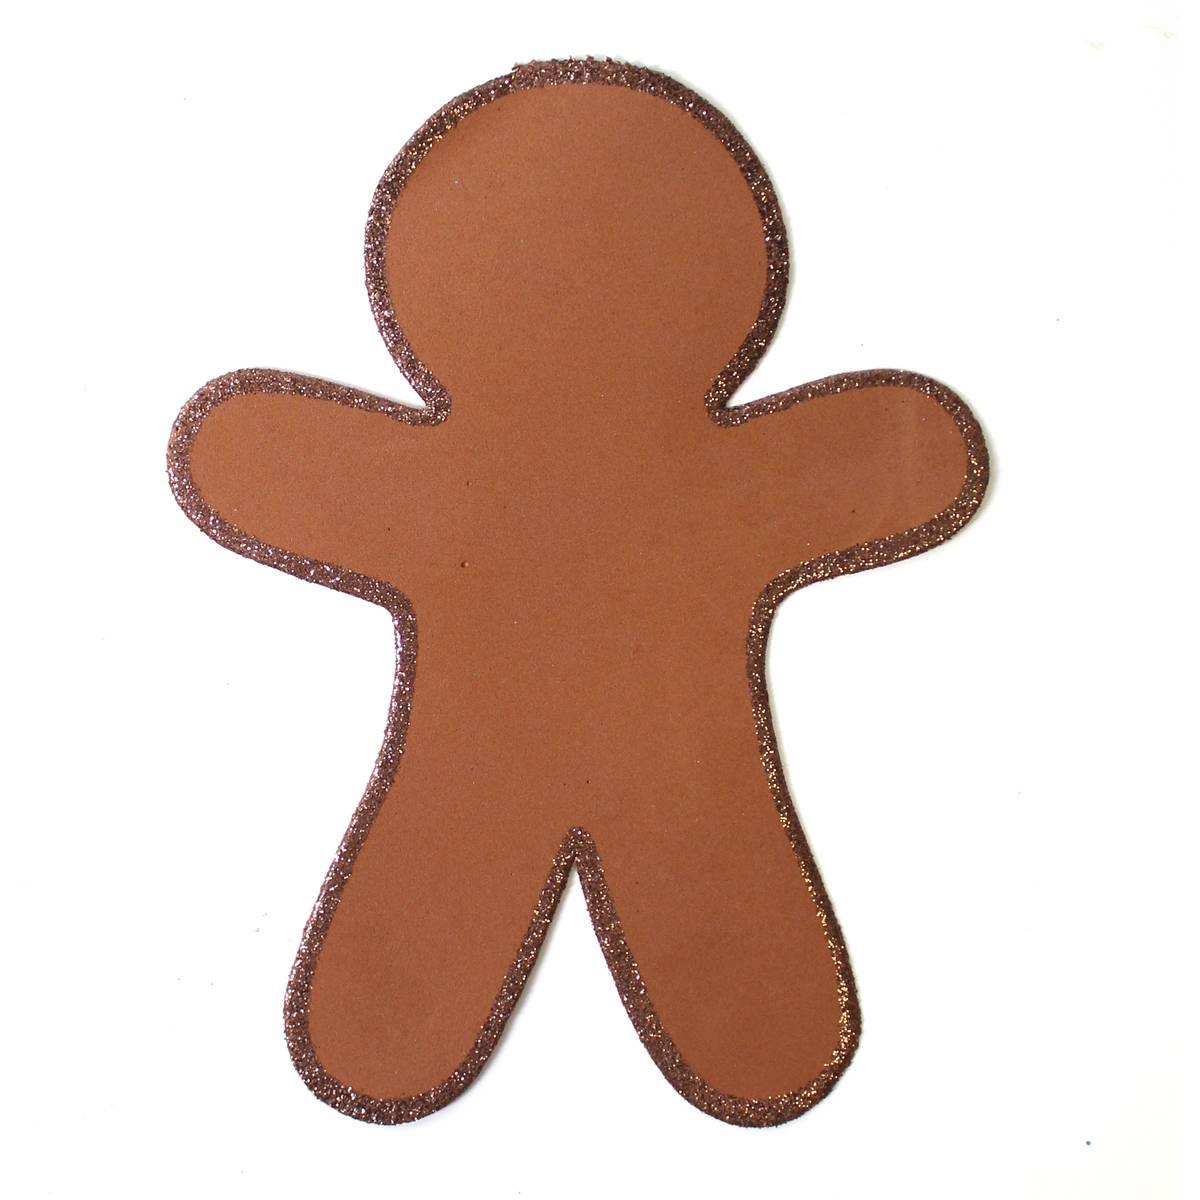 1200x1200 Christmas Gingerbread Man Foam Shape 4 Pack Hobbycraft